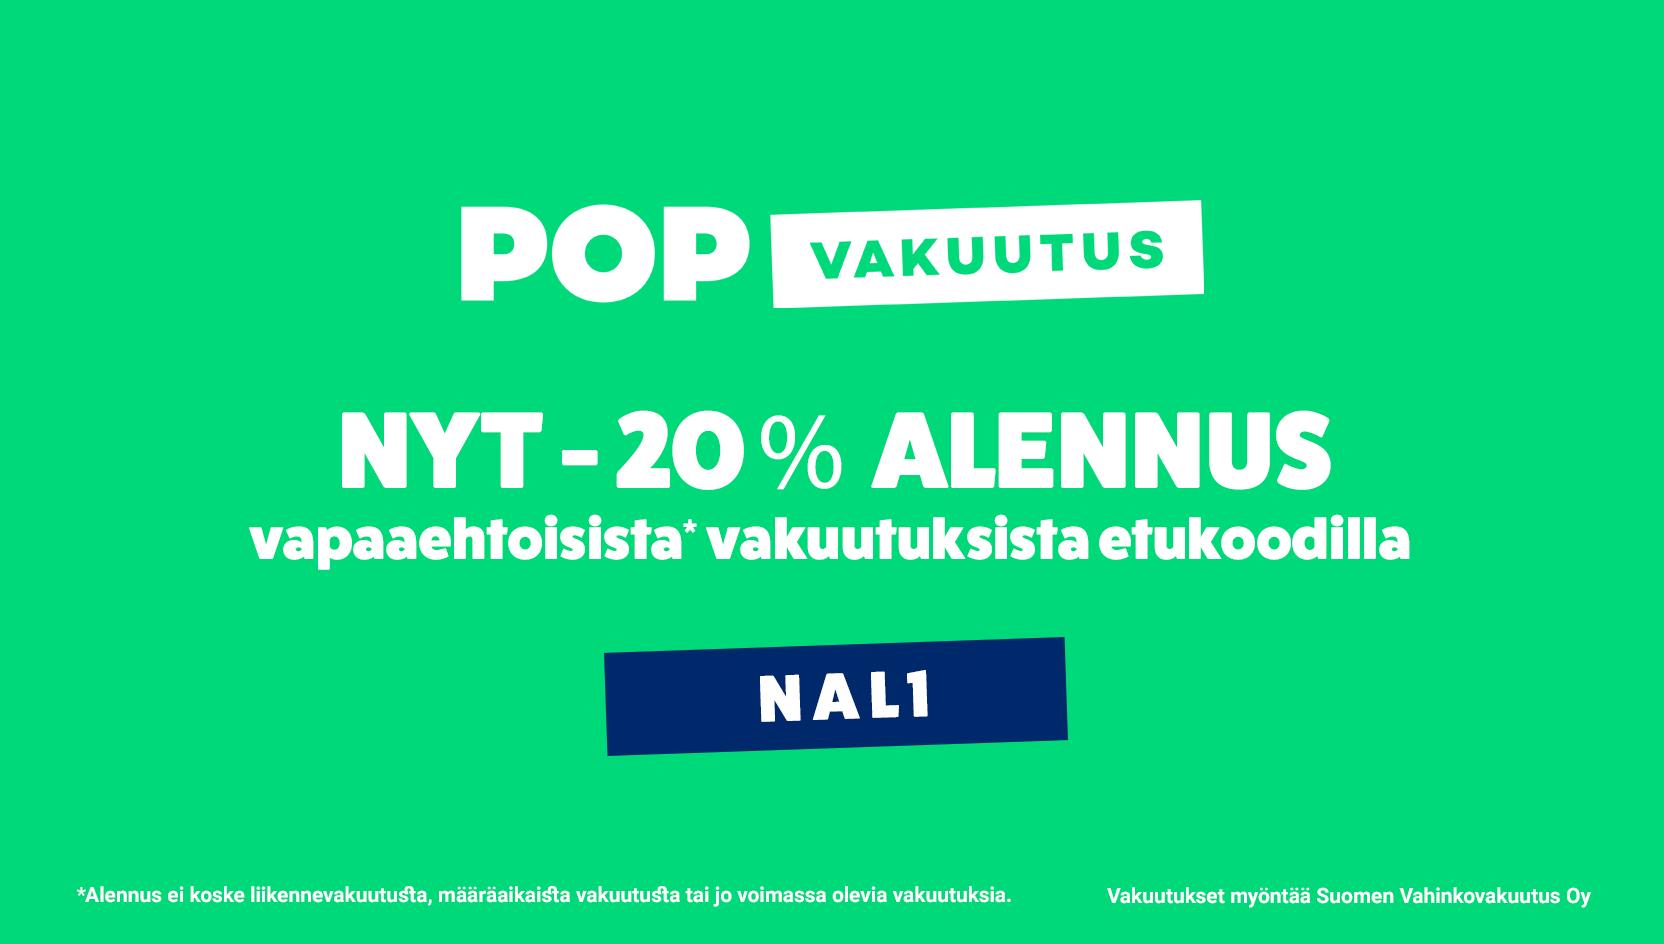 POP vakuutus. Nyt -20%-alennus vapaaehtoisista vakuutuksista alekoodilla NAL1. Alennus ei koske liikennevakuutusta, määräaikaista vakuutusta tai jo voimassa olevia vakuutuksia. Vakuutukset myöntää Suomen vahinkovakuutus oy